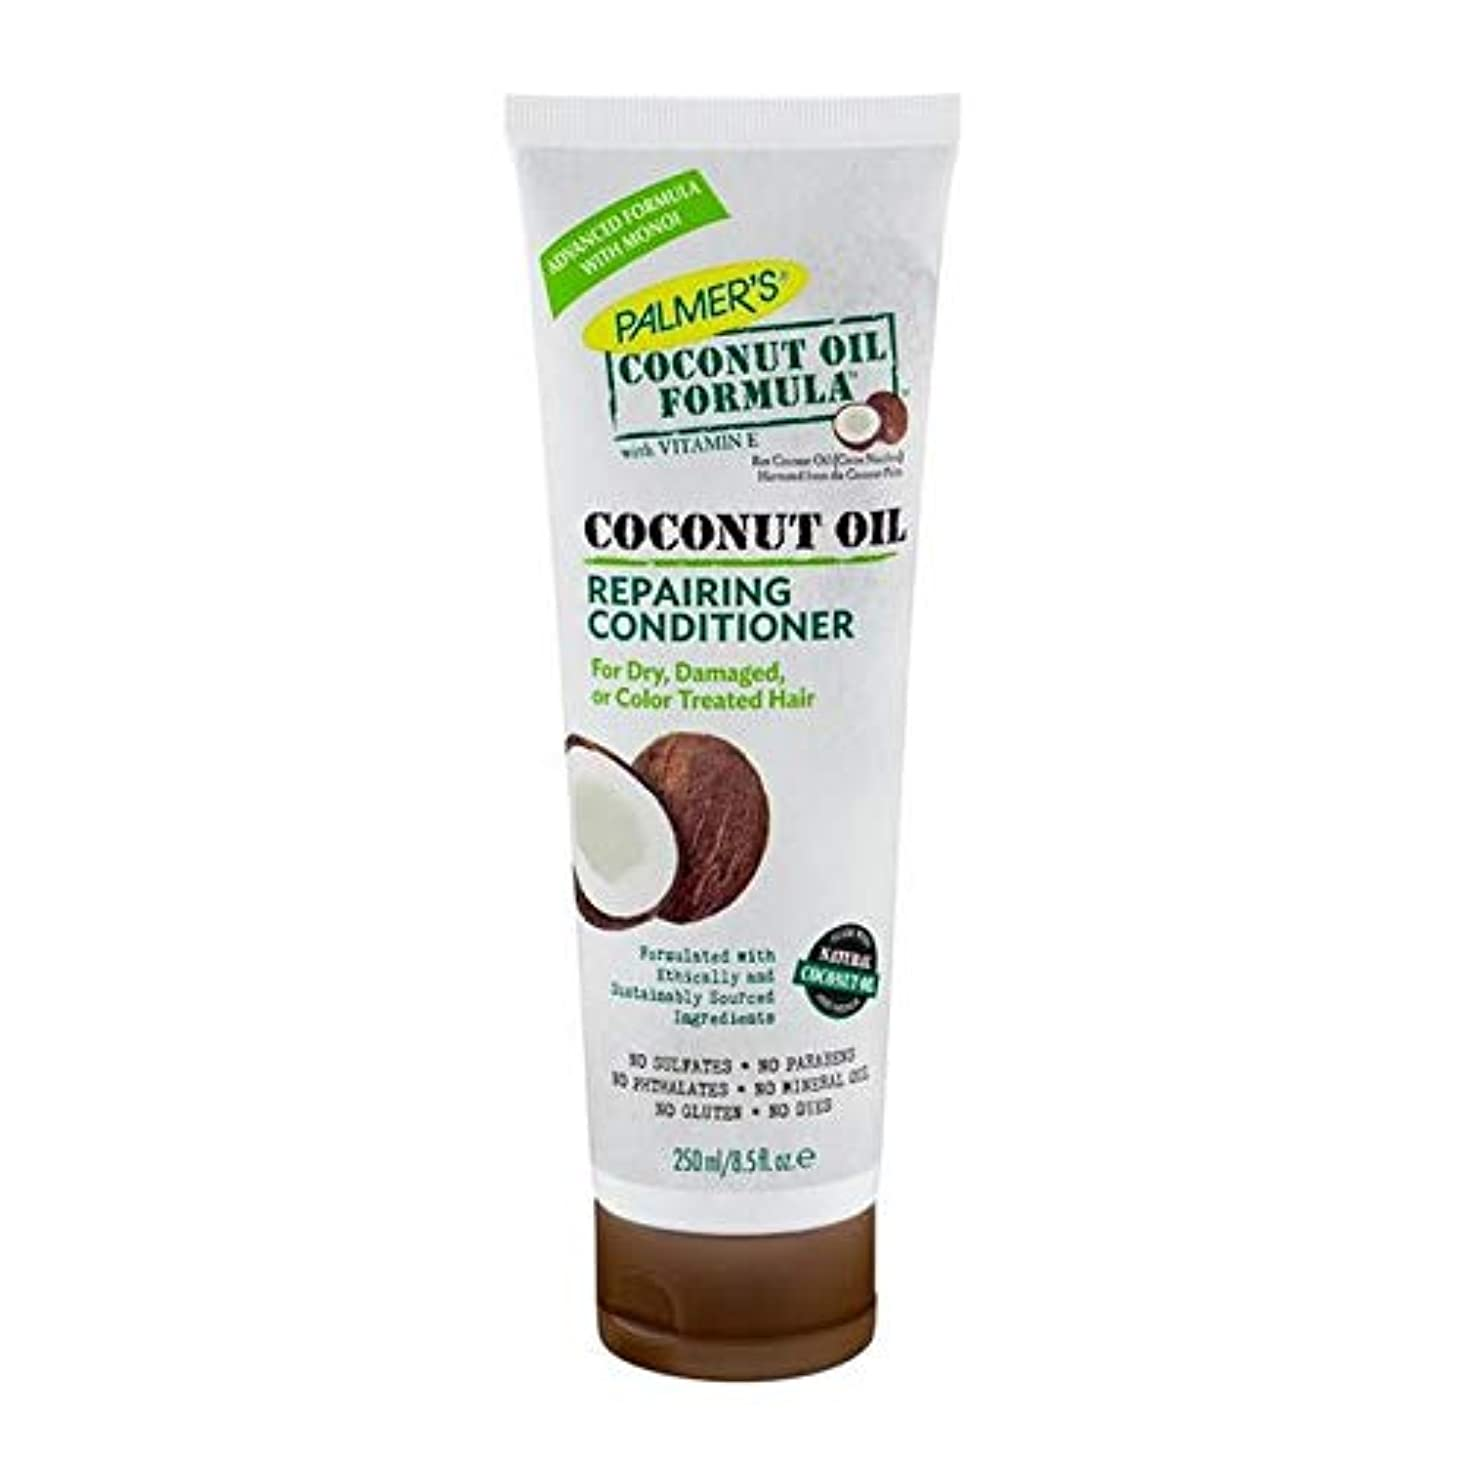 ケーブル水っぽい擬人化[Palmer's ] パーマーのココナッツオイル式インスタント修復コンディショナー250Ml - Palmer's Coconut Oil Formula Instant Repairing Conditioner 250ml...